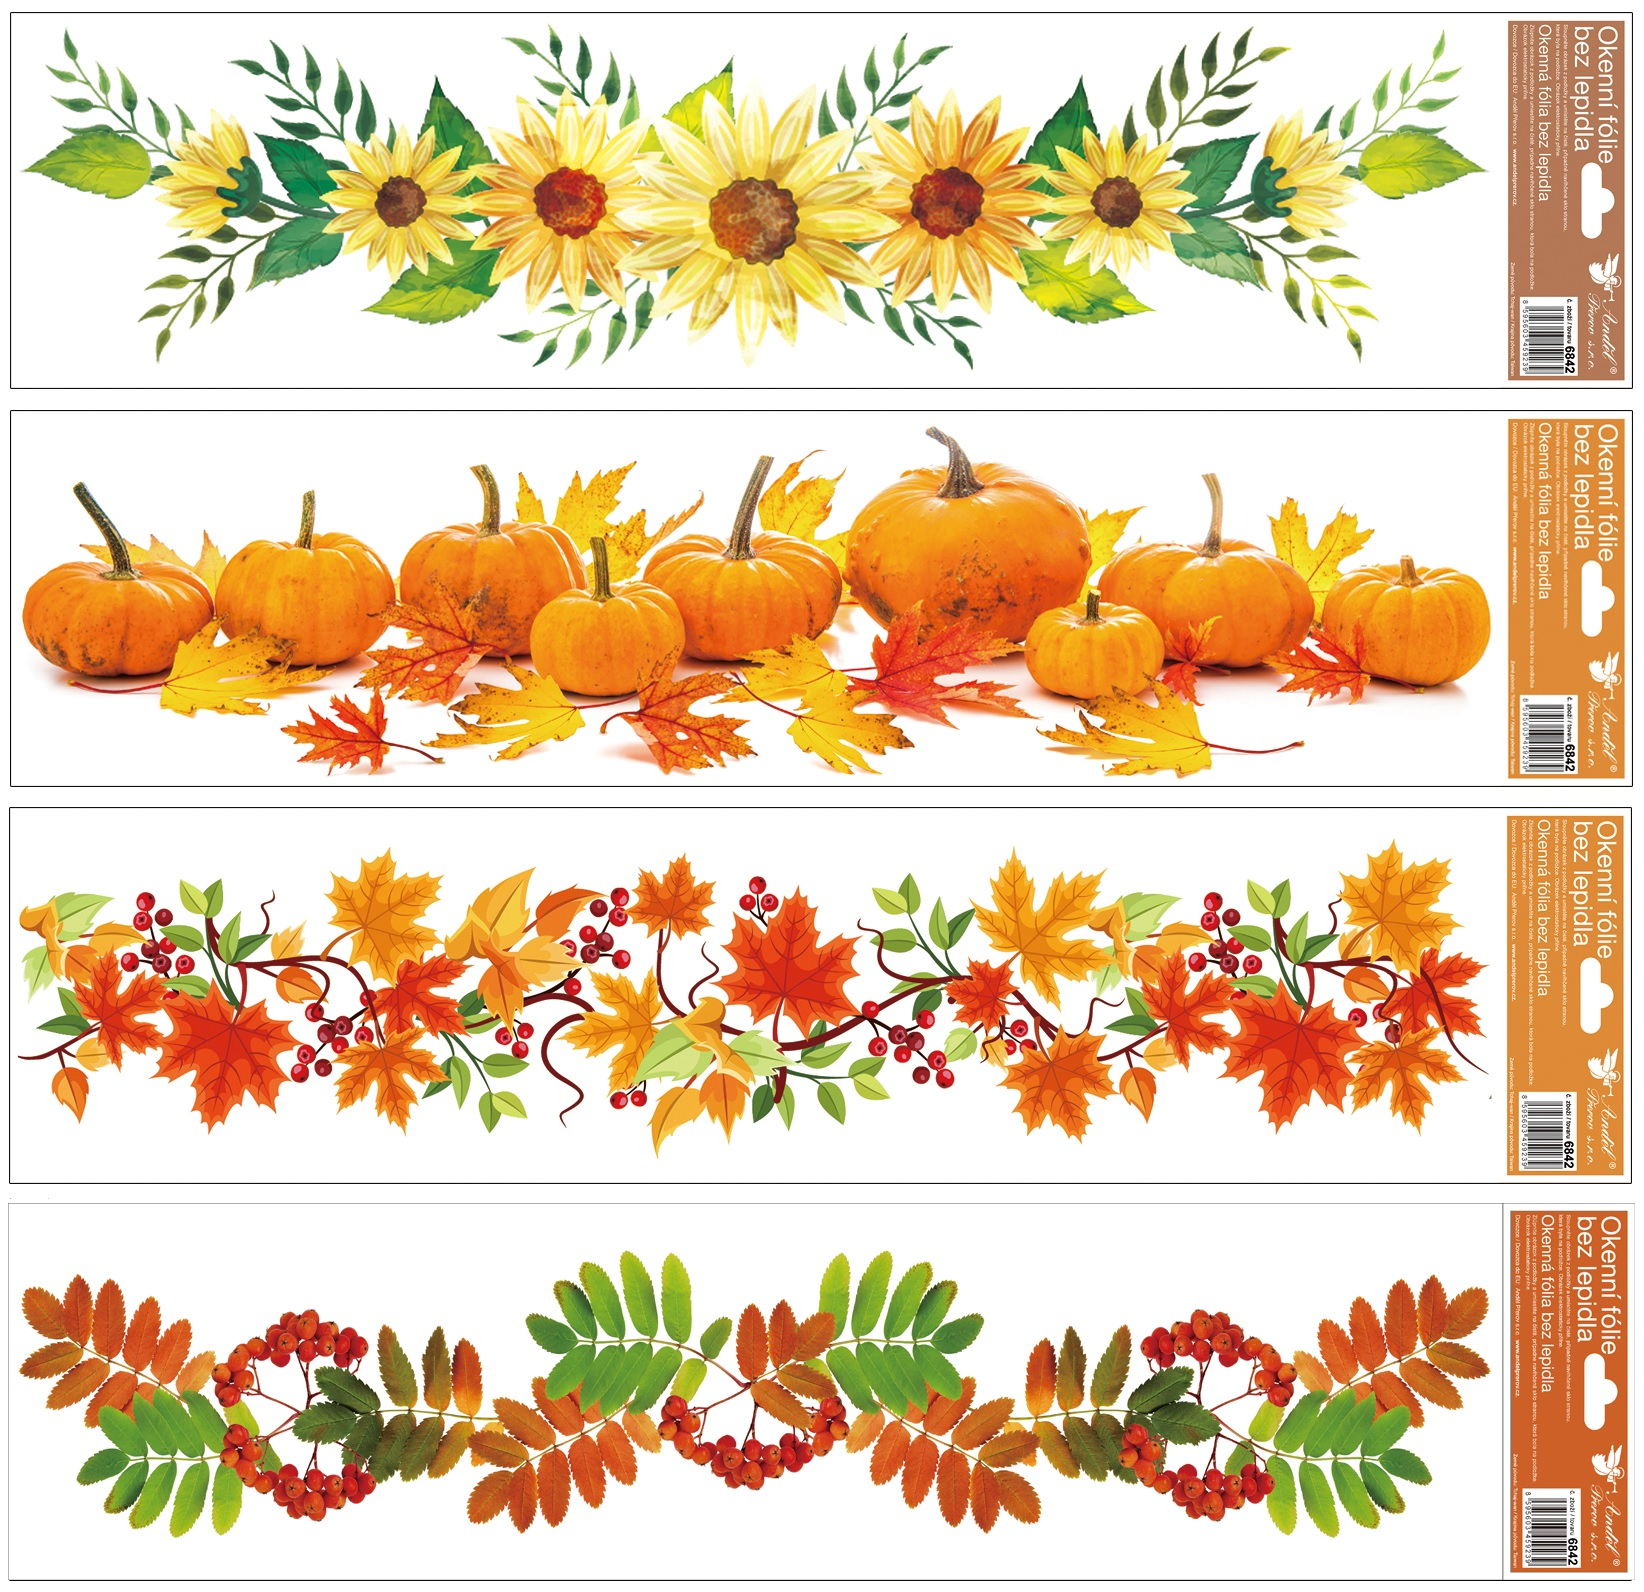 Okenní fólie Podzimní pruhy 64x15 cm, set